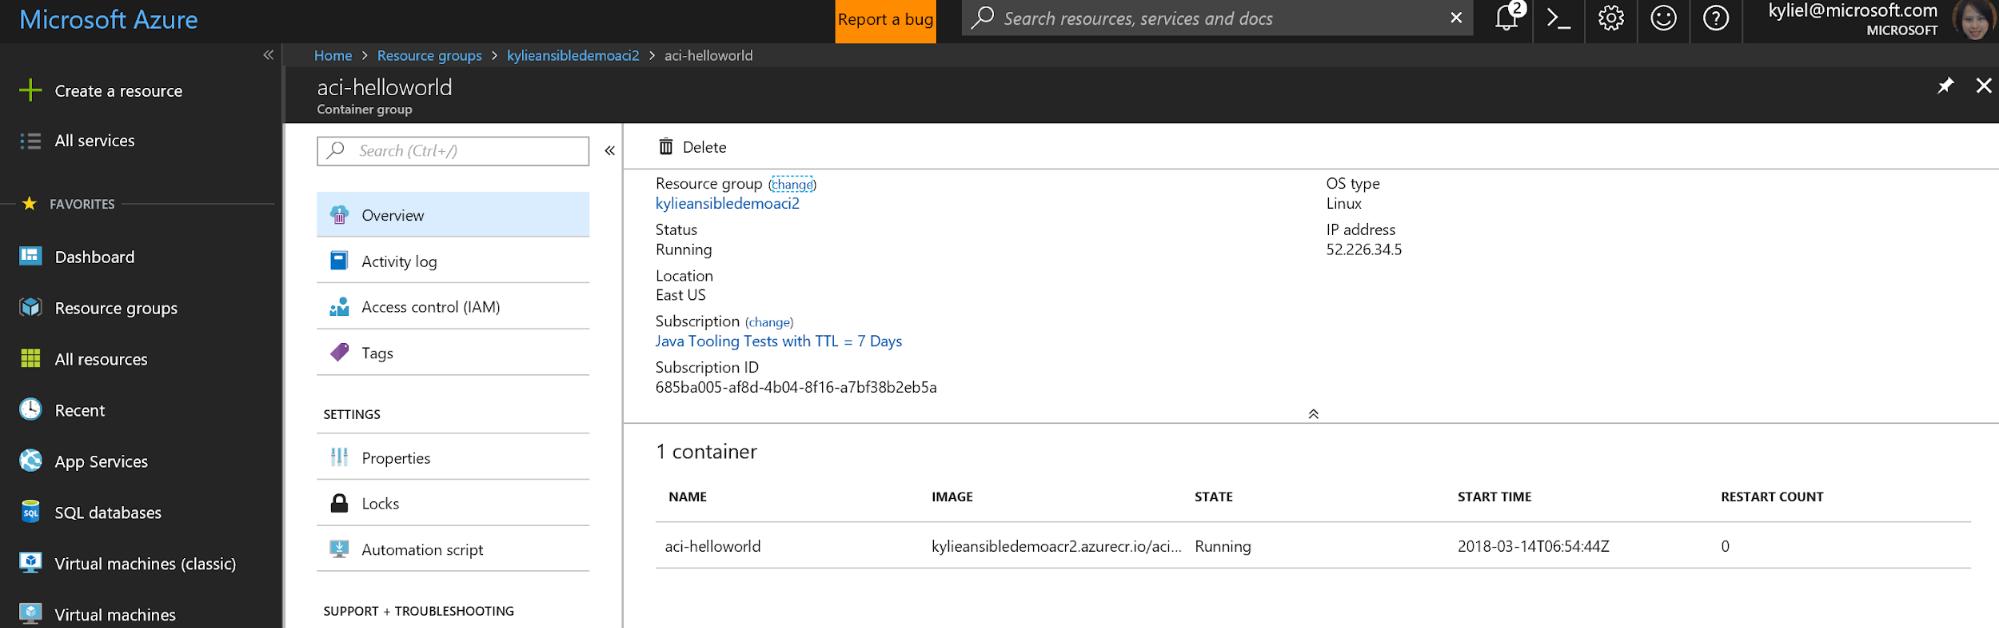 Microsoft-Azure-portal